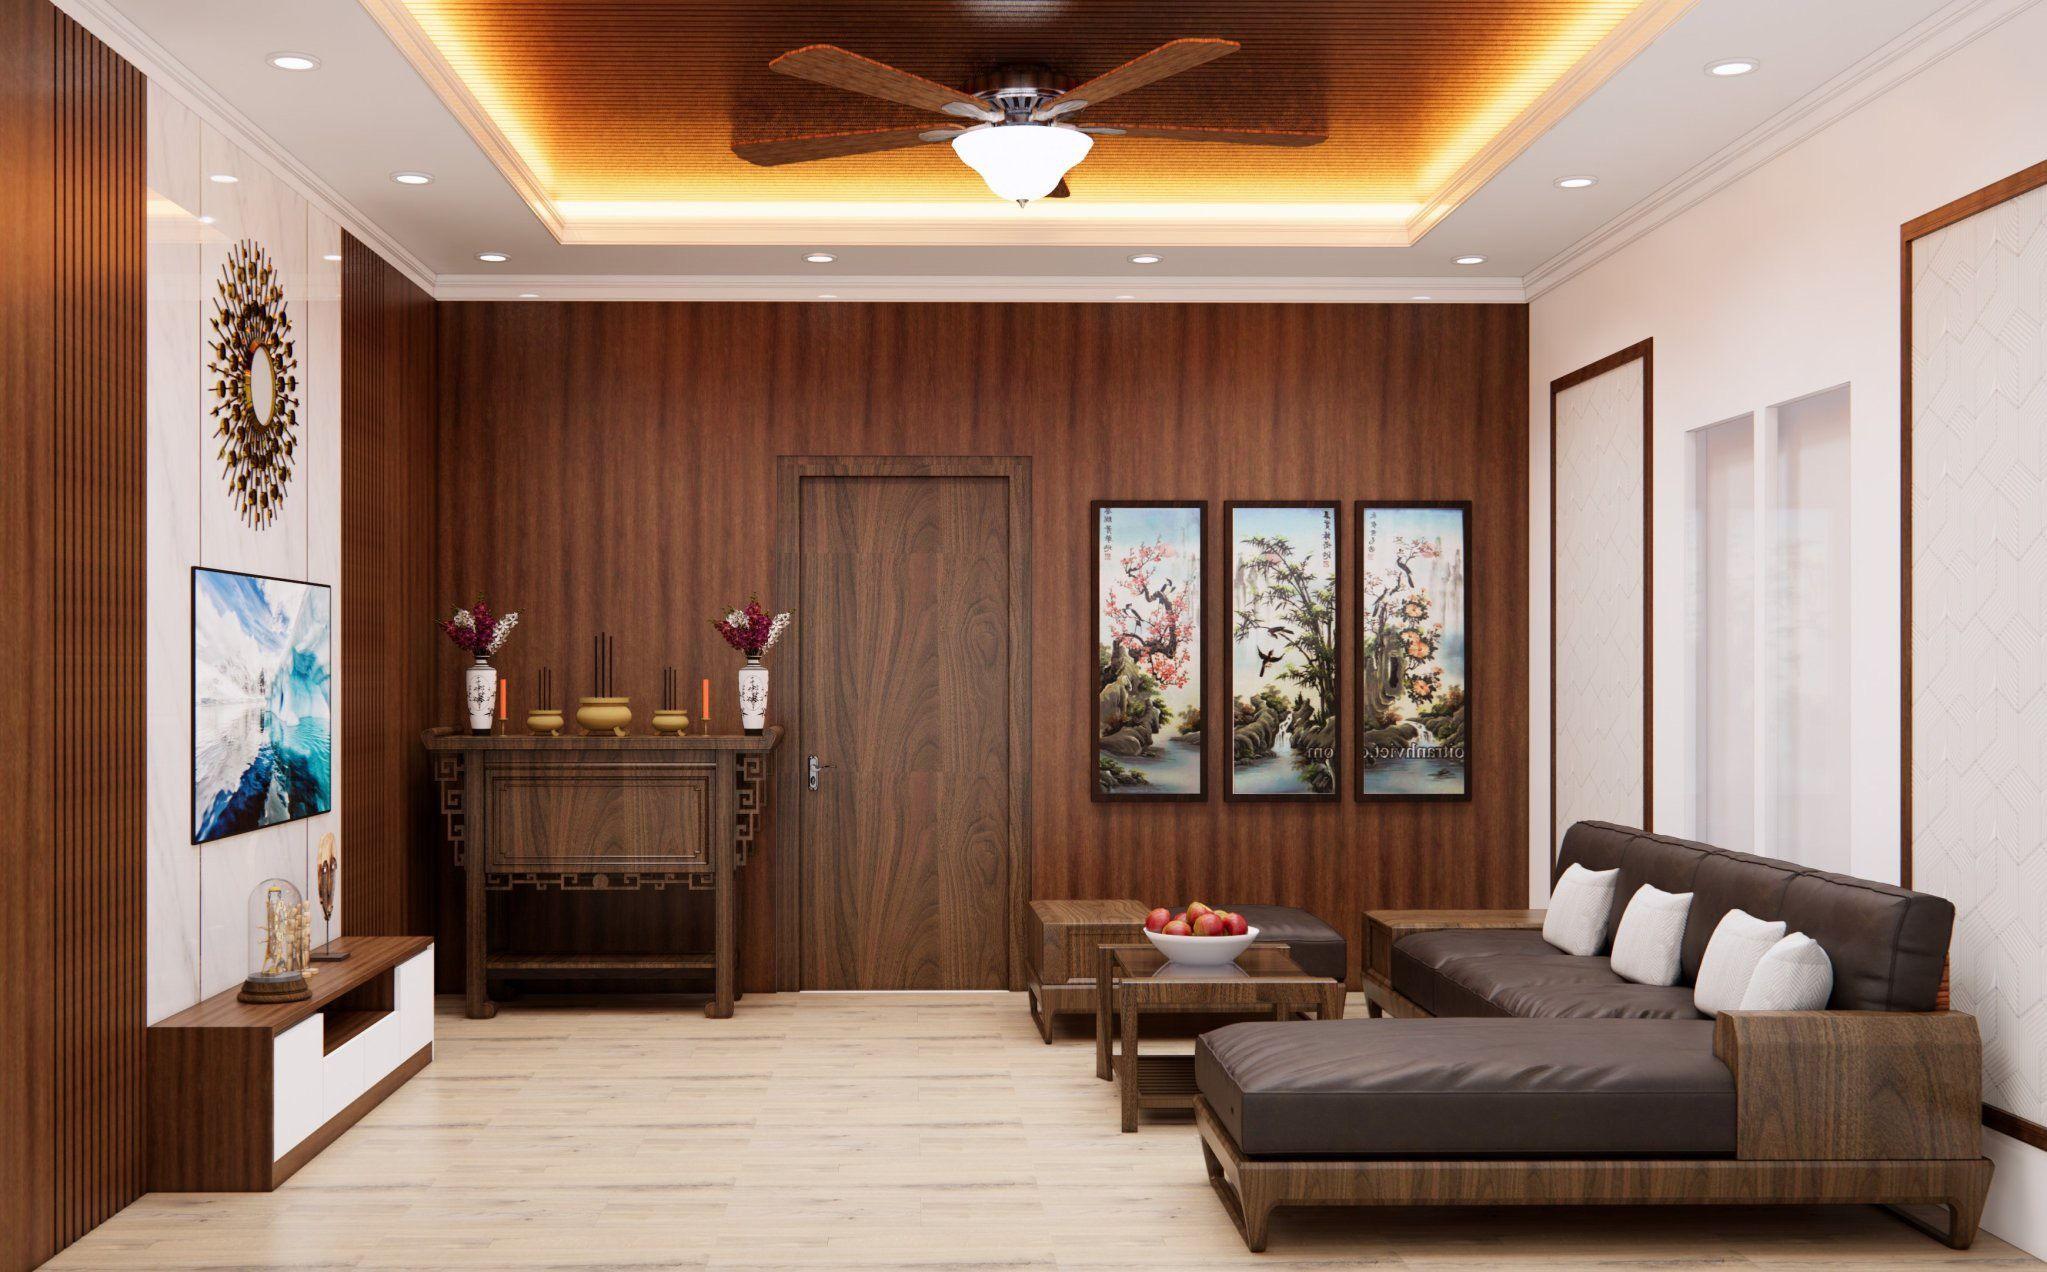 Không gian phòng ngủ với tấm ốp vân gỗ